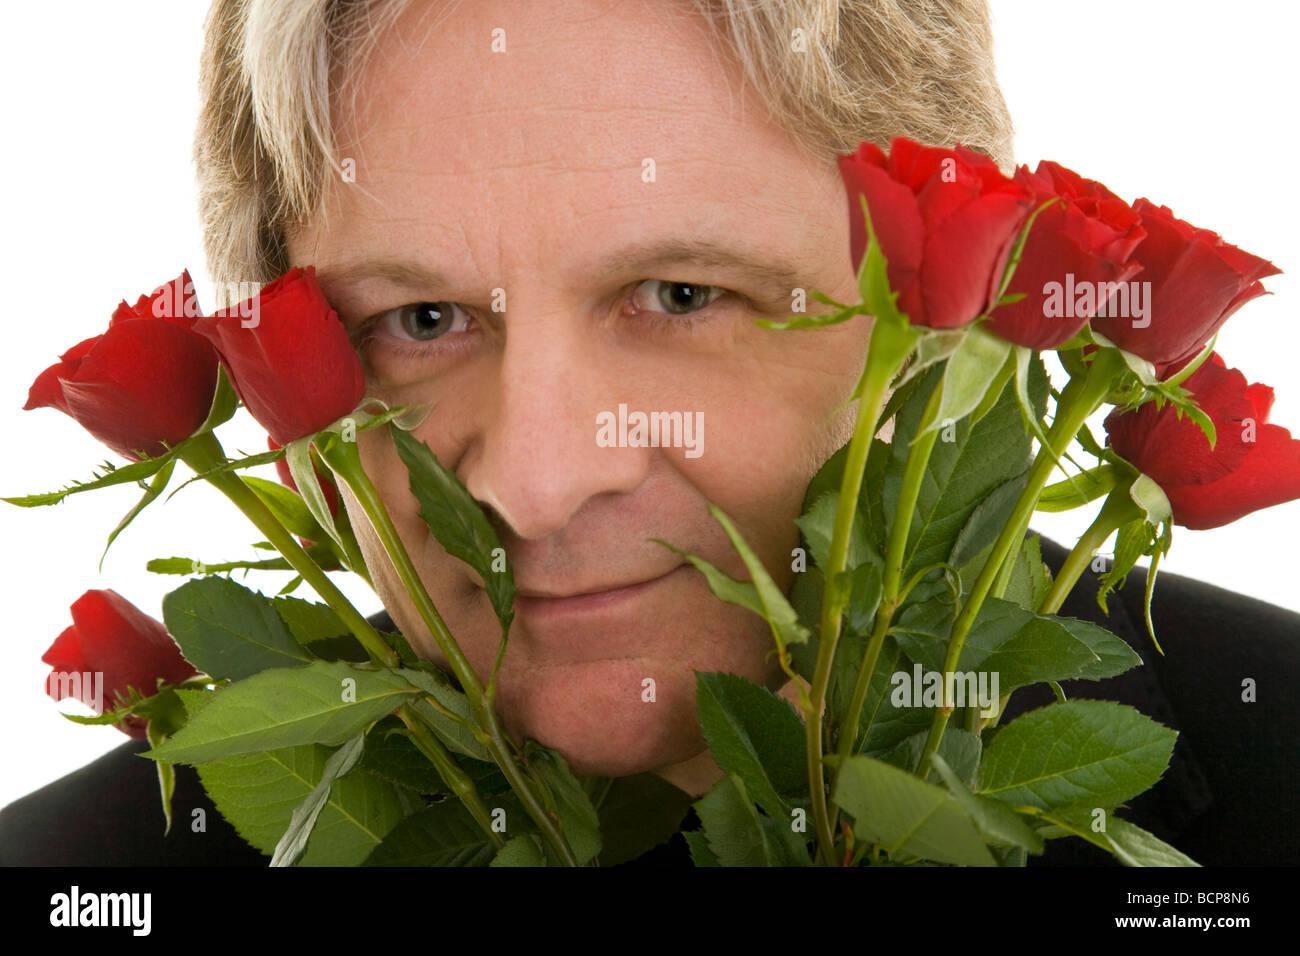 Mann Schaut Durch Einen Strauß Roter Rosen Stockbild